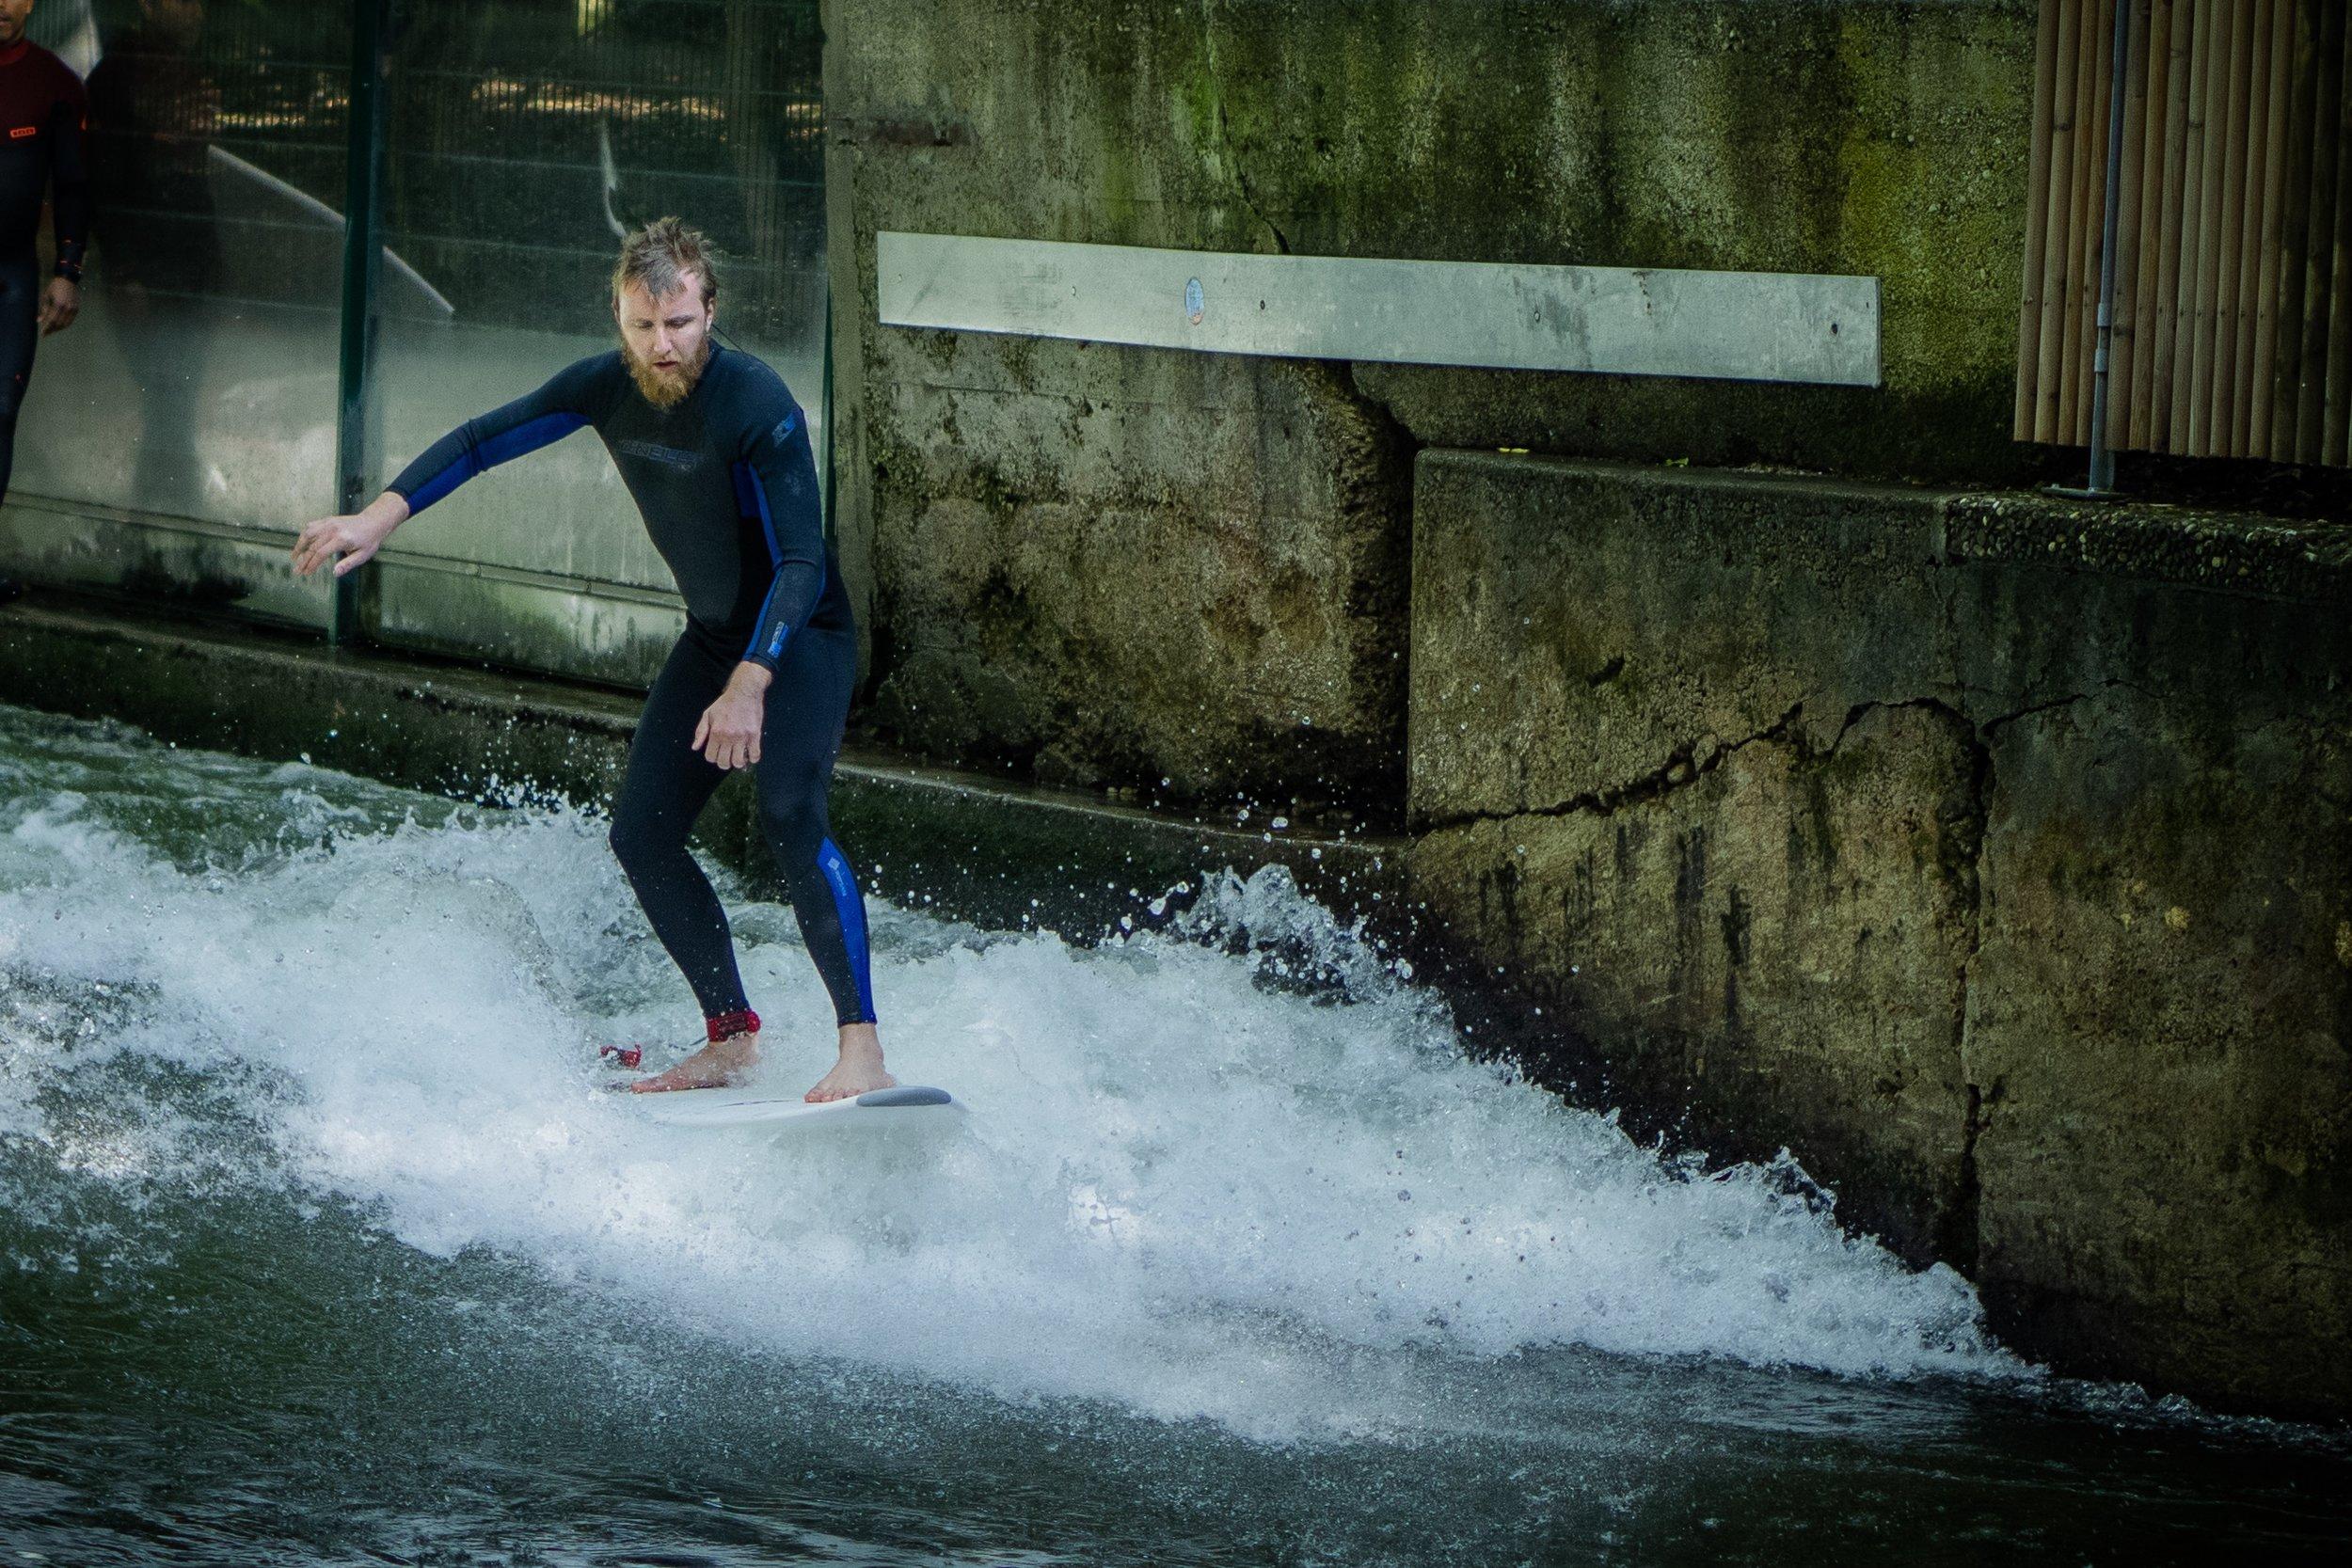 Kurz nach dem Sprung auf das Surfbrett ist man im Weißwasser.